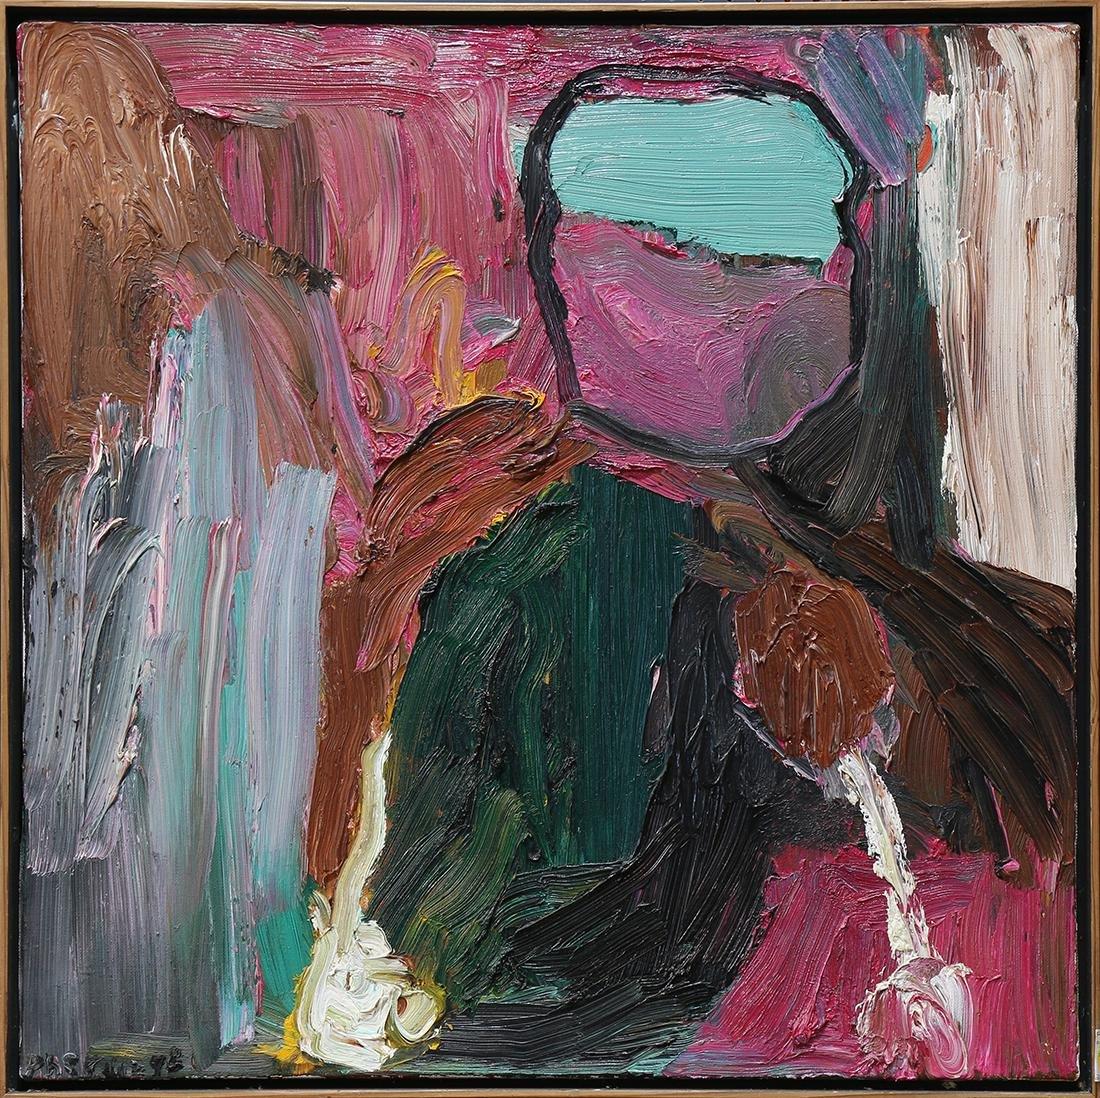 Painting, Phe Ruiz